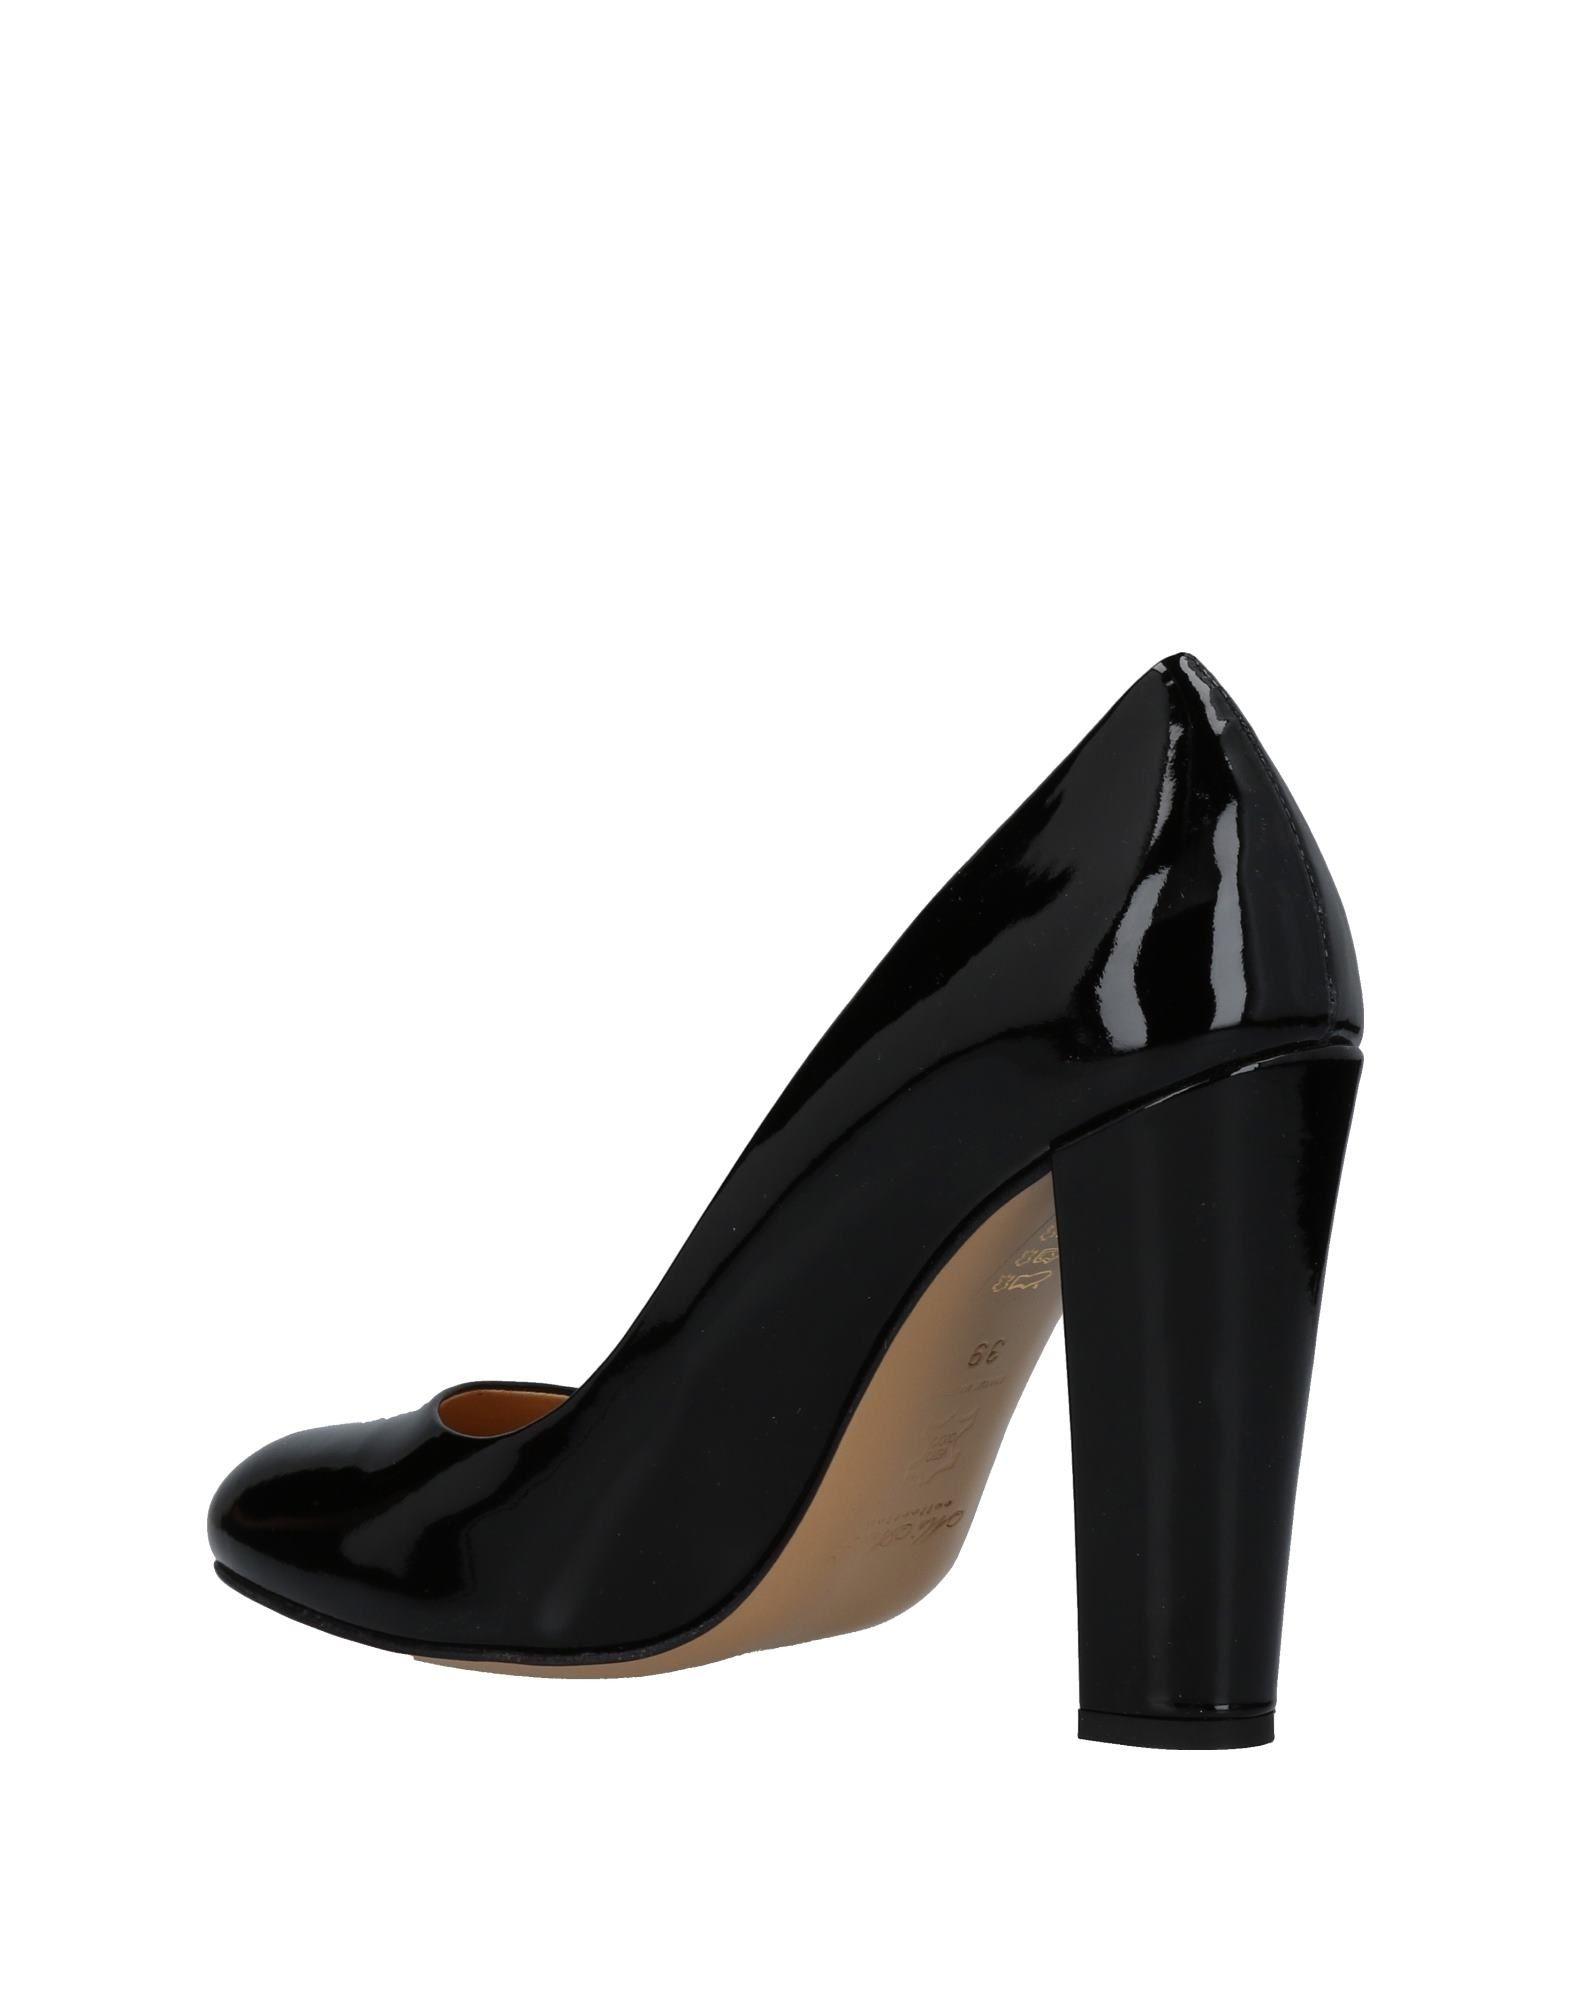 Gut um billige Pumps Schuhe zu tragenMi Amor Pumps billige Damen  11459833CV 6702d1